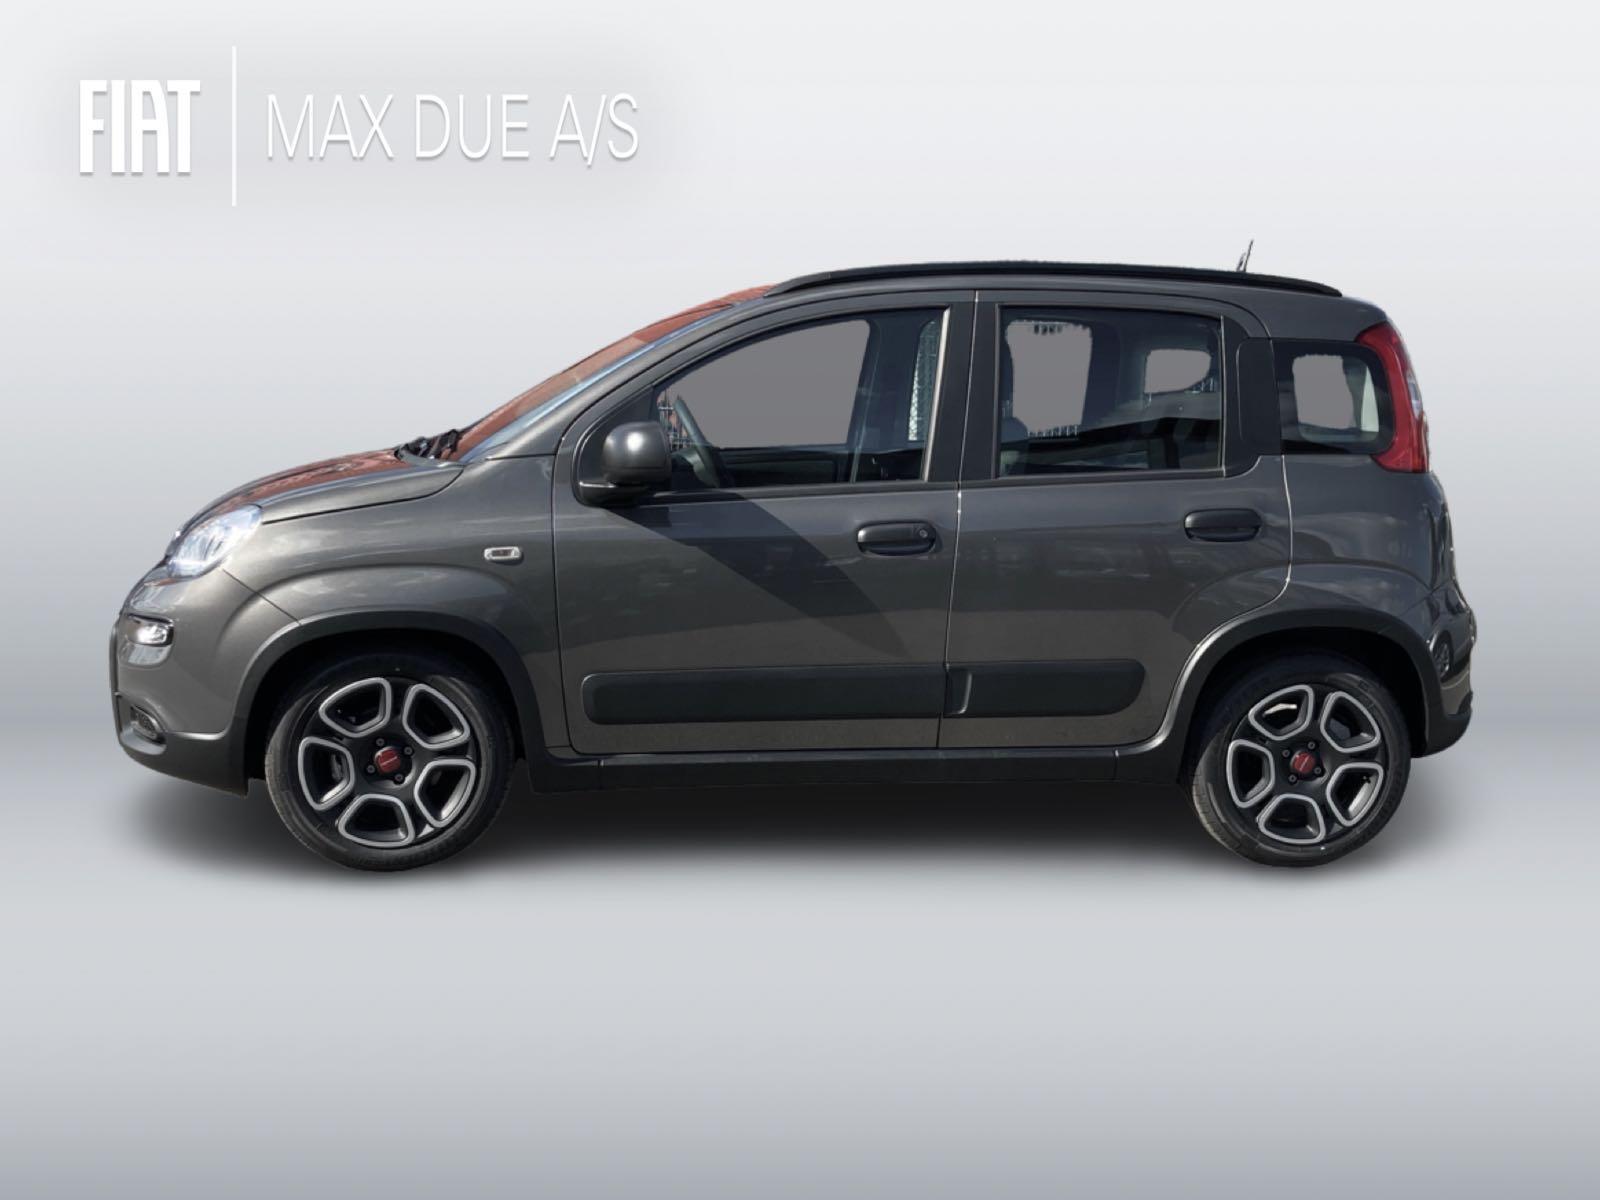 Billede af Fiat Panda 1,0 Mild hybrid City Life 70HK 5d 6g